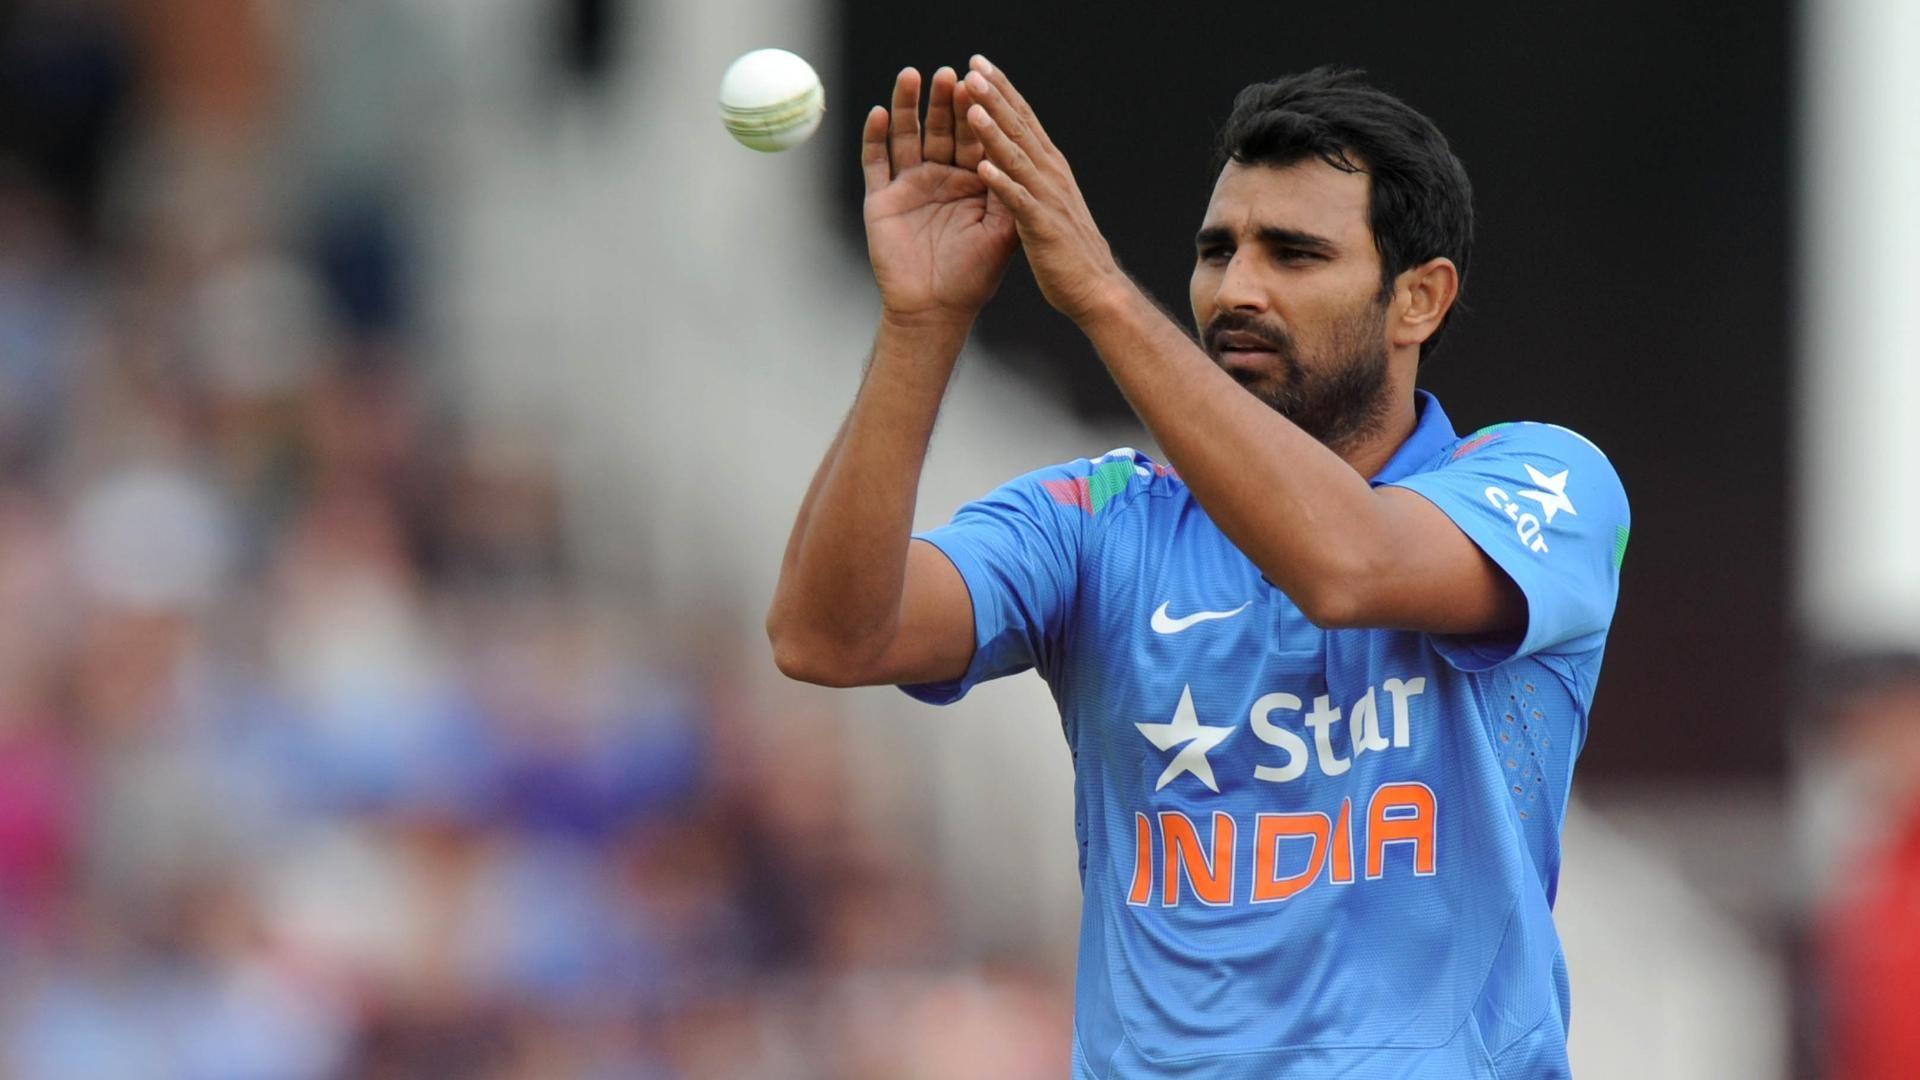 क्रिकेटर मोहम्मद शमी बोले श्रीलंकाई टीम ने प्रदूषण के मुद्दे को बढ़ा-चढ़ाकर पेश किया